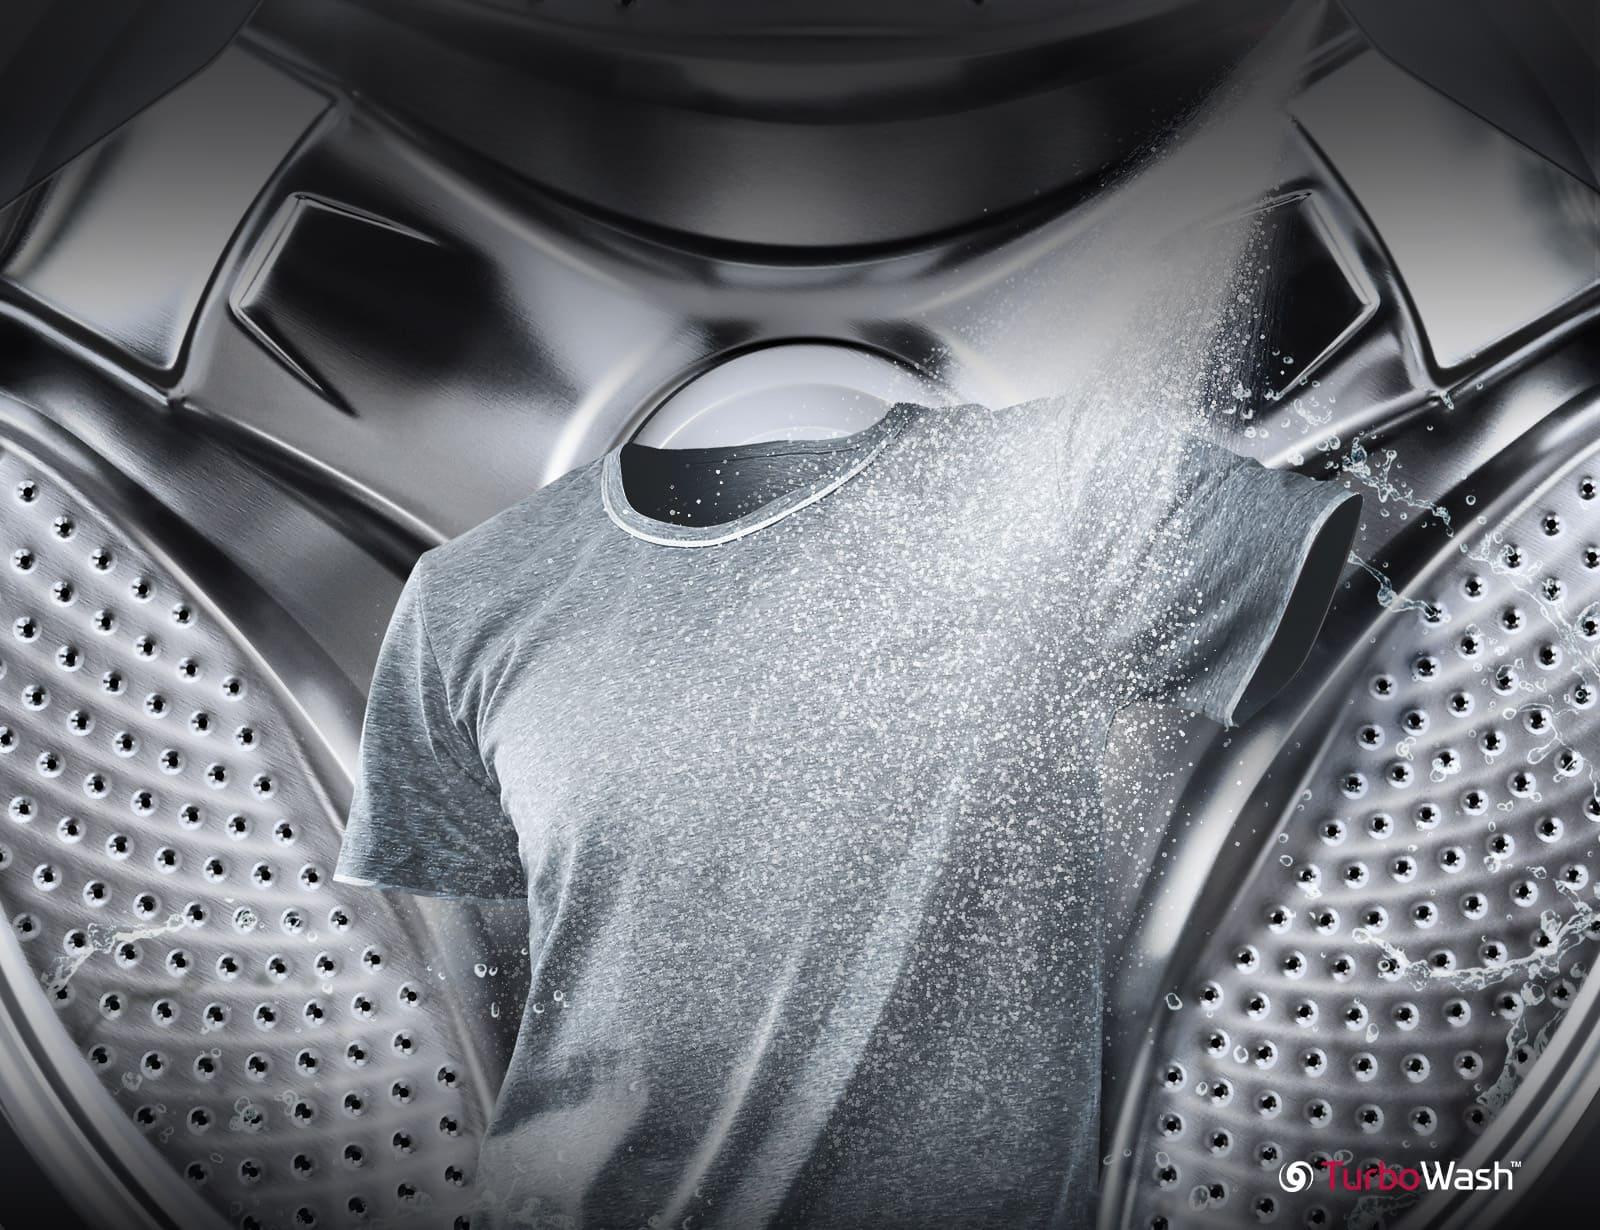 Một chiếc áo sơ mi màu xám đang được phun tia nước ở phía trước và lồng máy giặt ở phía sau.